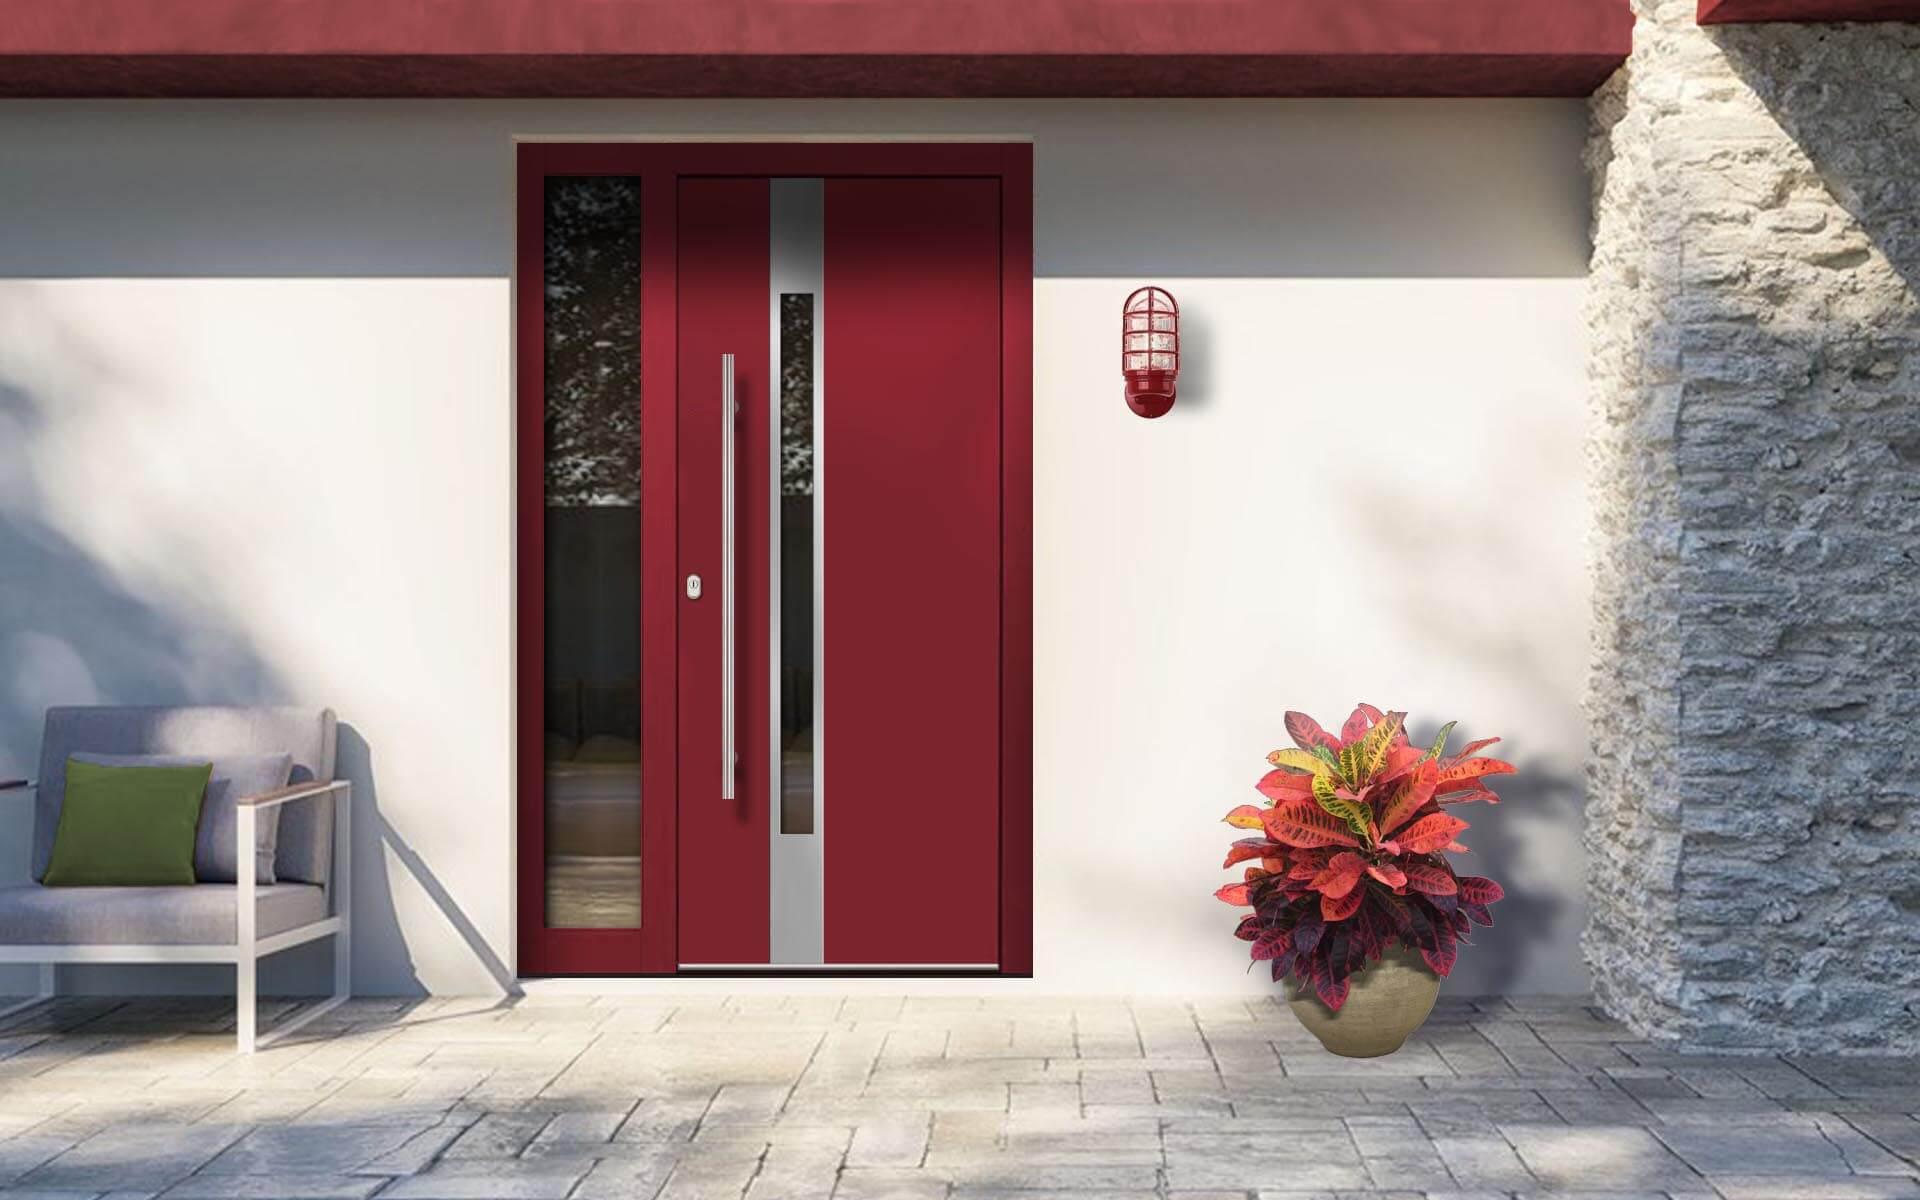 Hliníkové vchodové dvere do domu so svetlíkom vo farbe purpurová červená RAL 3004